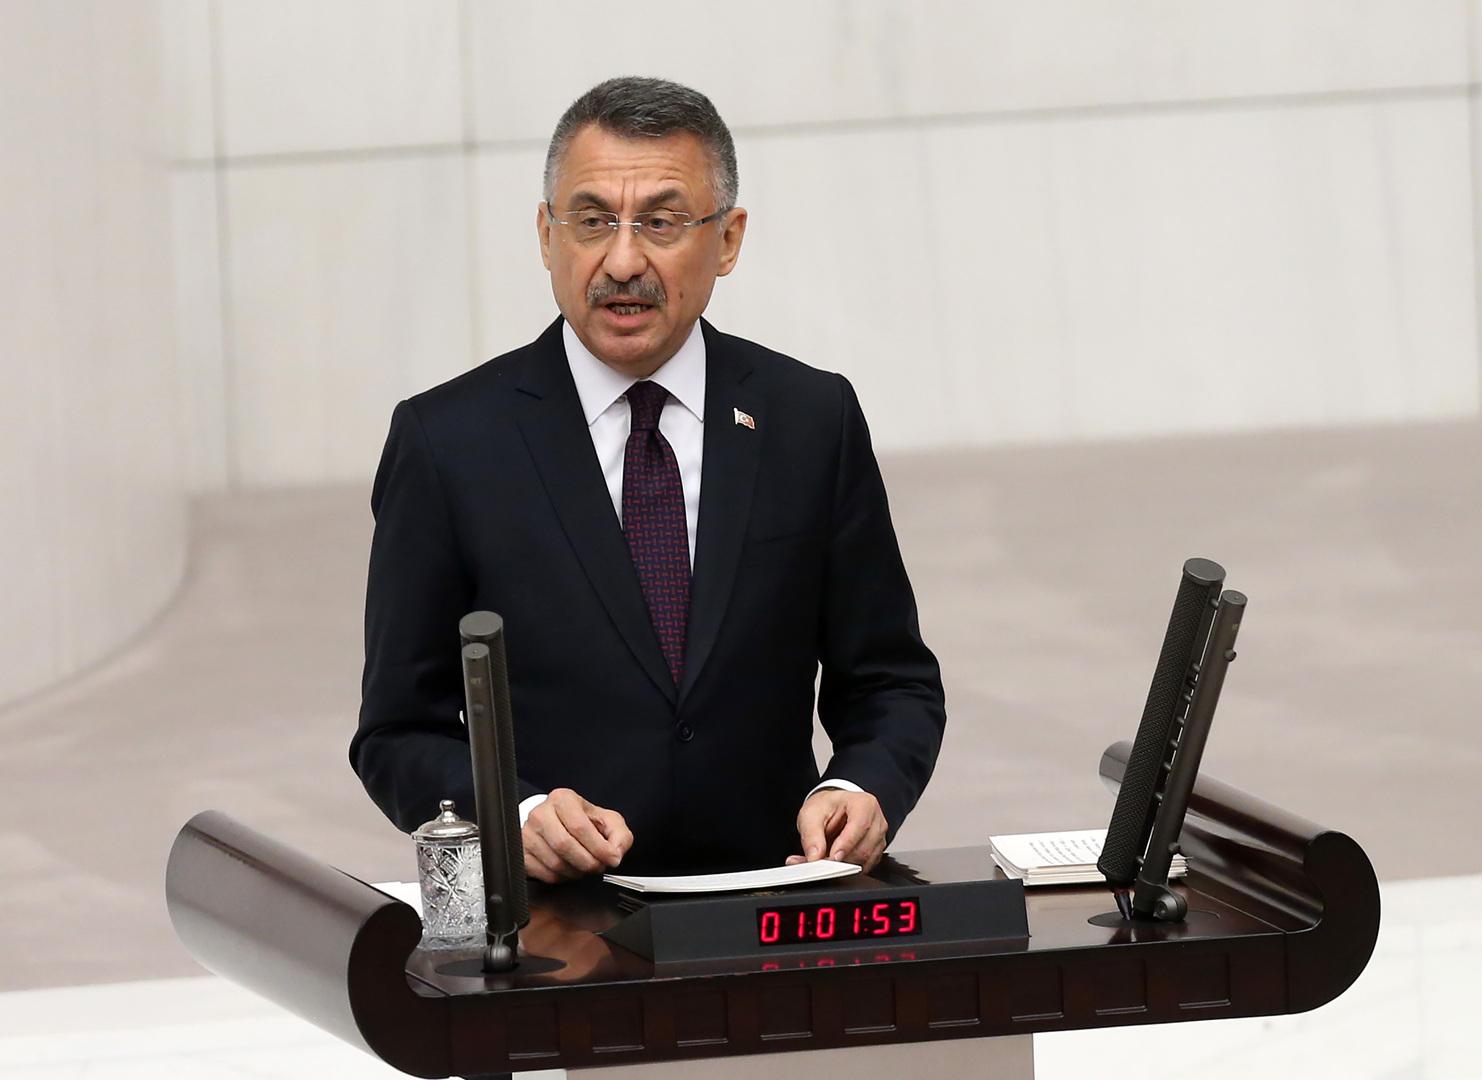 فؤاد أوقطاي، نائب الرئيس التركي (صورة أرشيفية)